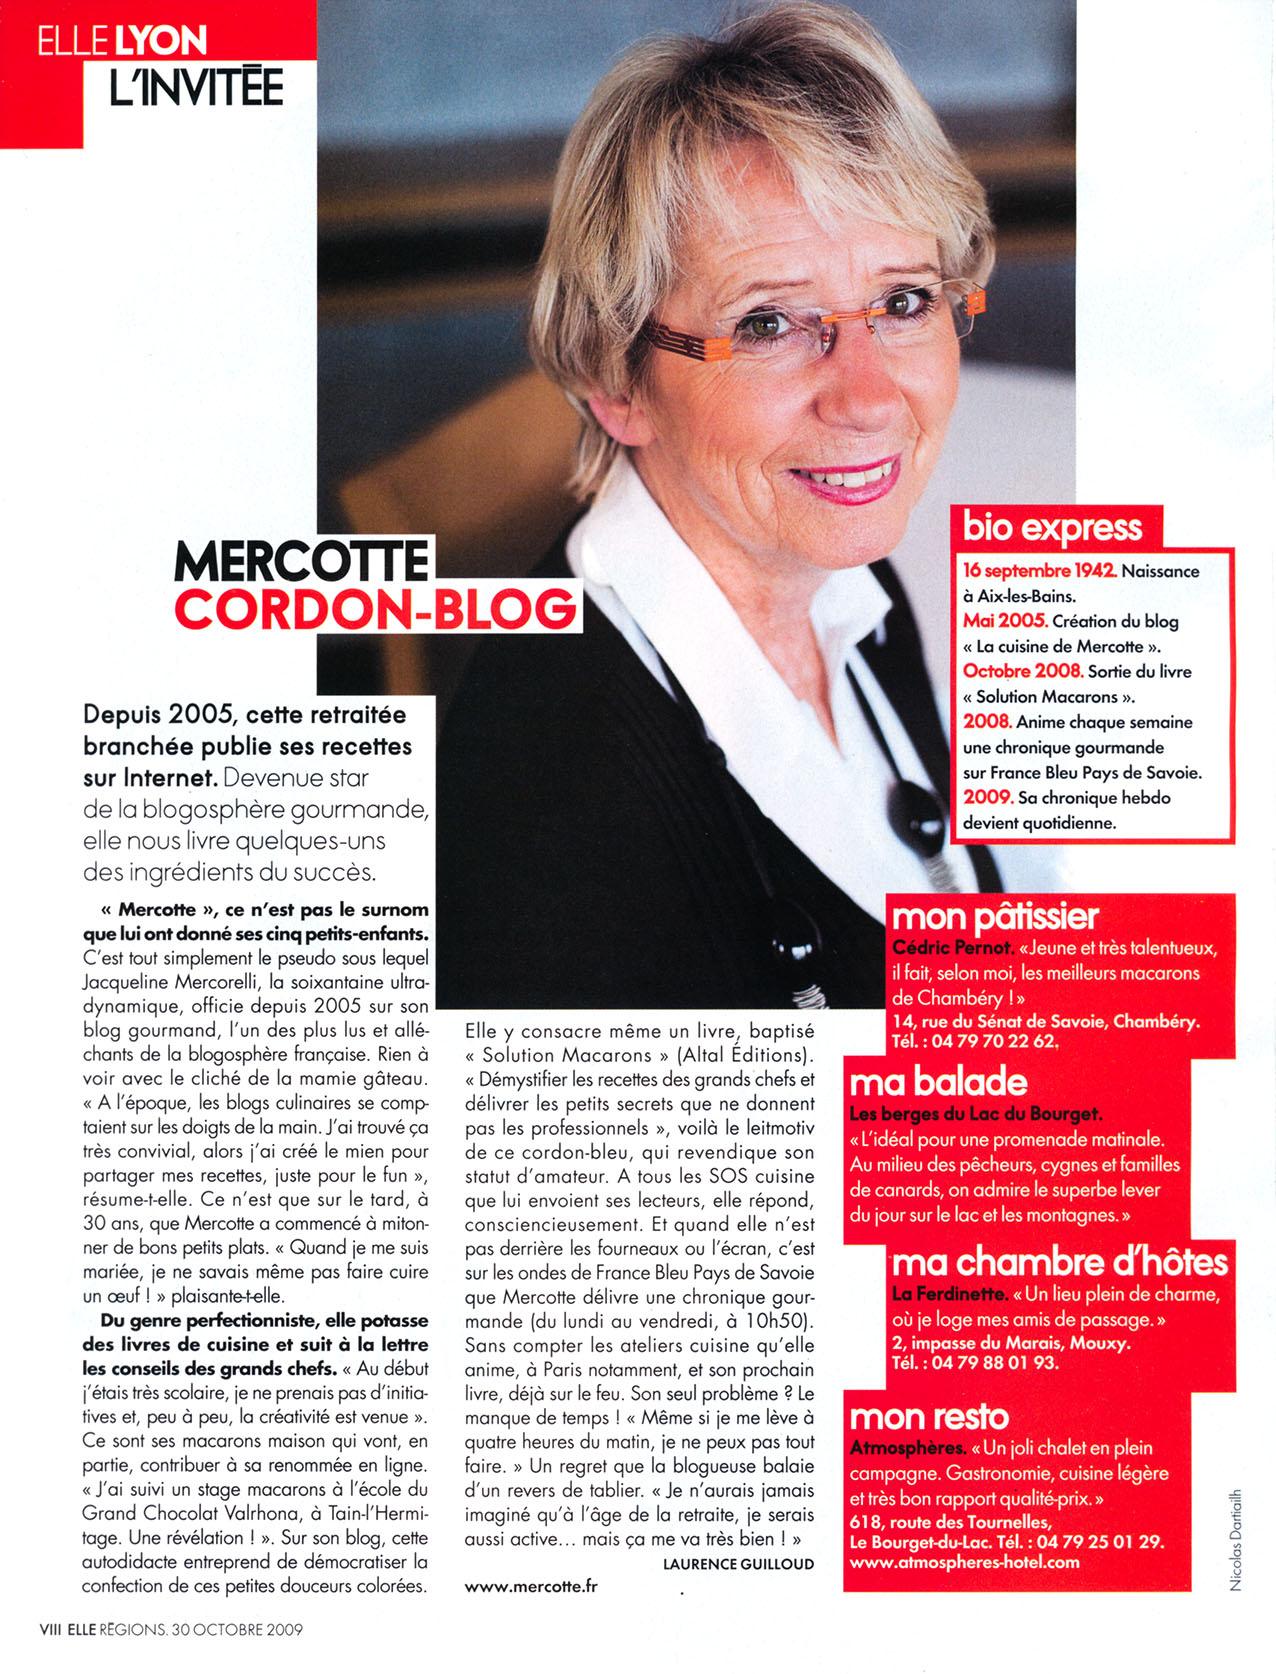 Elle Lyon - Madame Mercotte - 2009